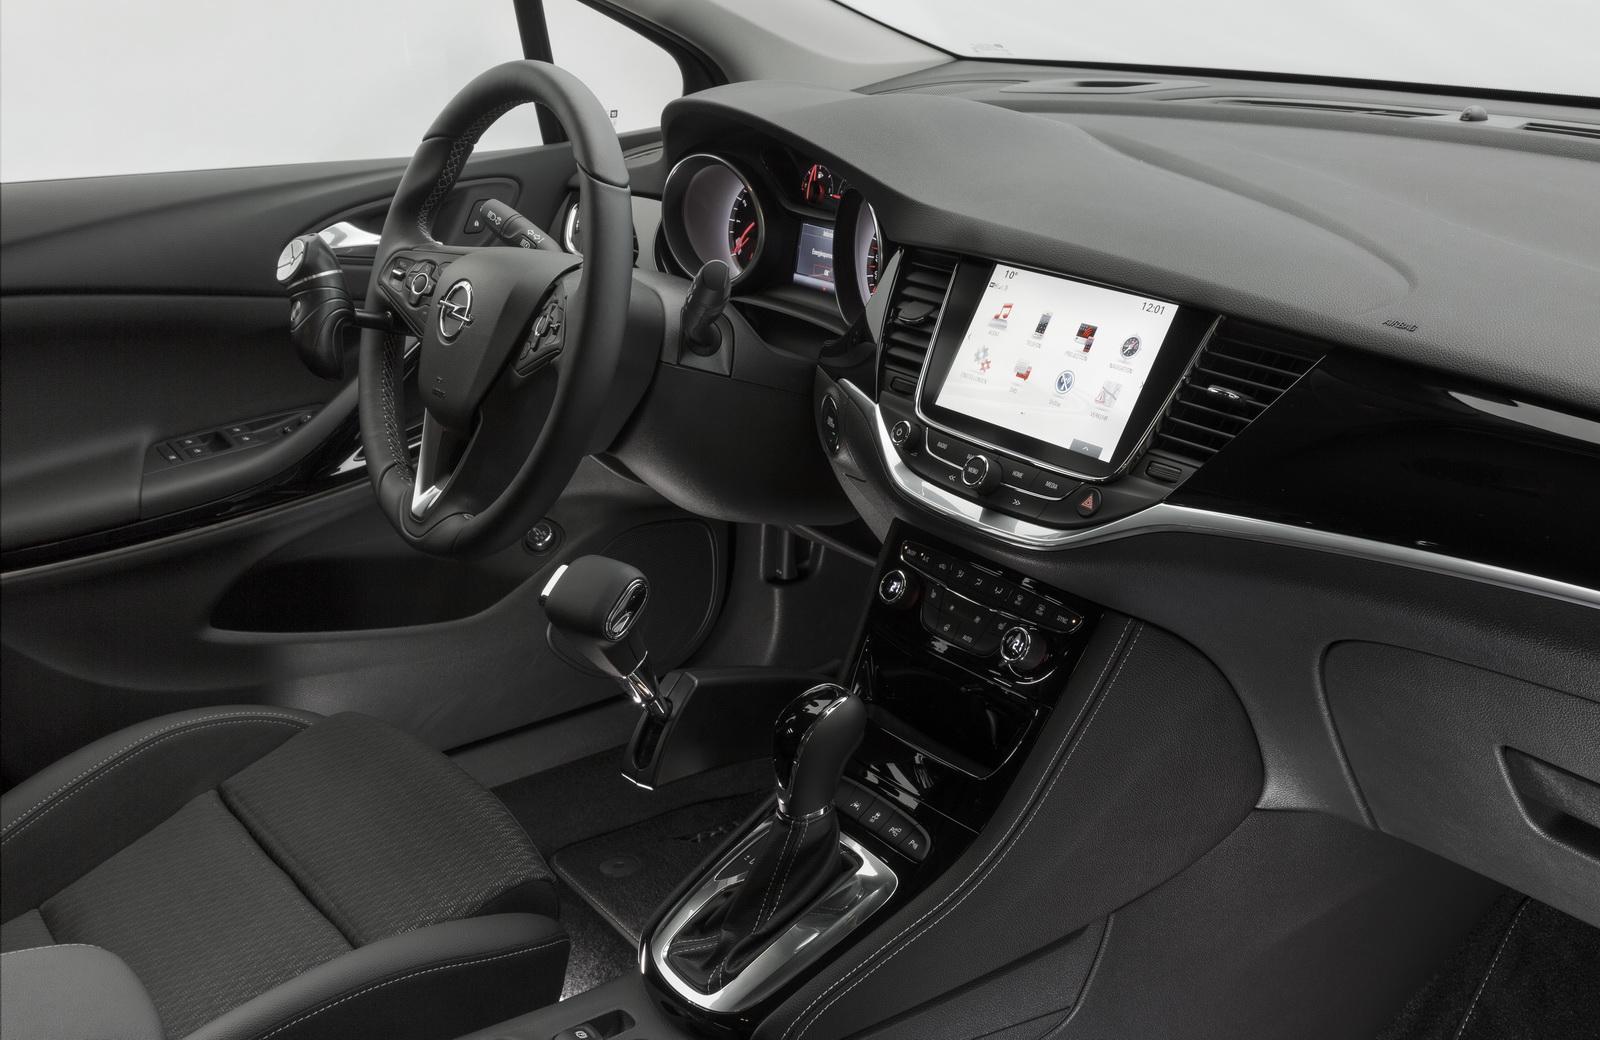 Opel_Astra_Veigel_Commander_08